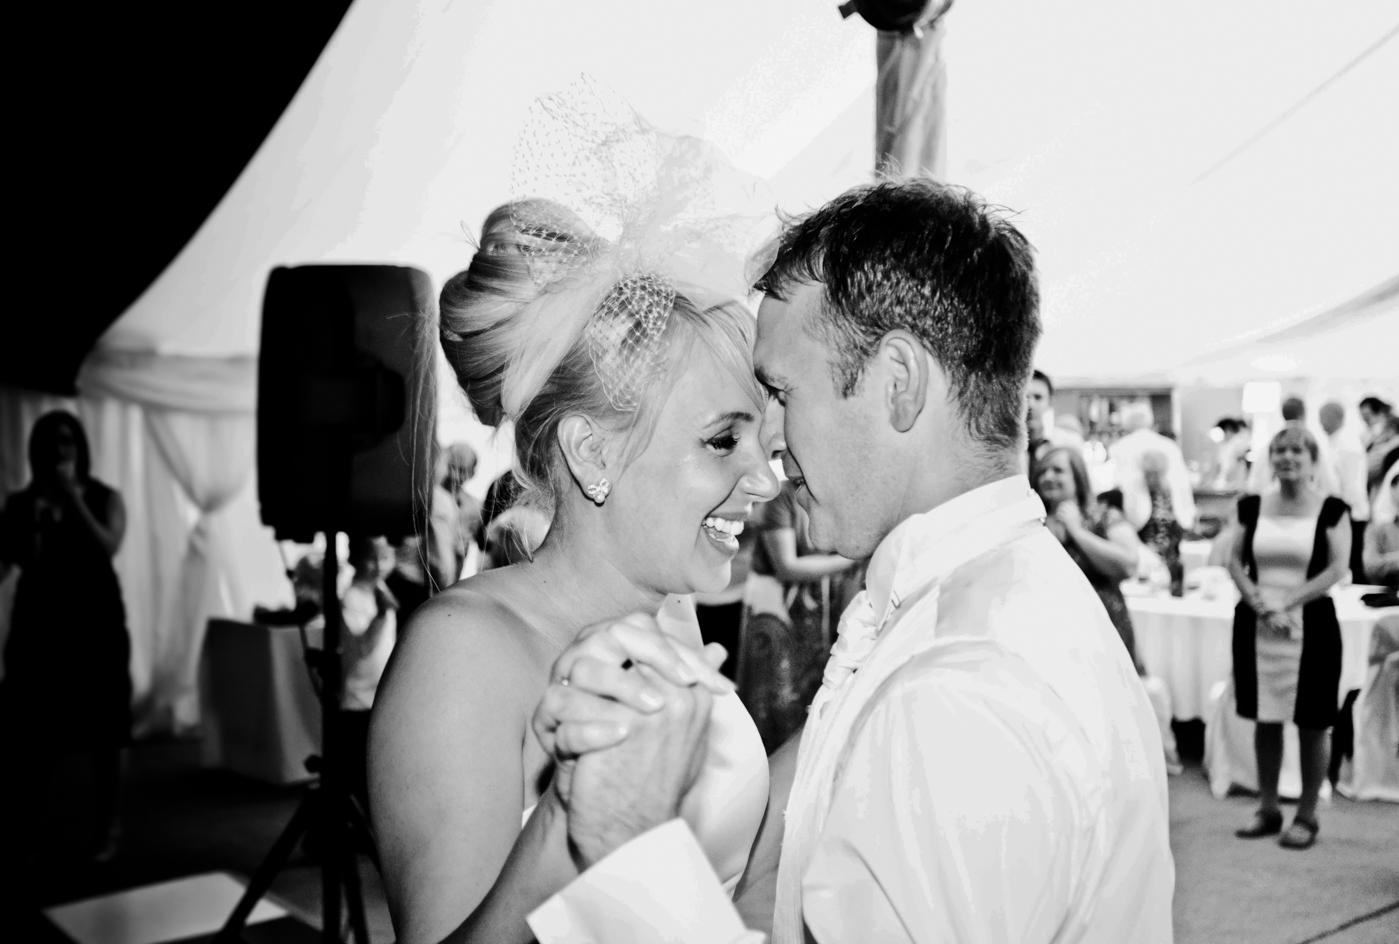 248 Keedy and Carl at The Secret Garden in Retford  - Wedding Photography by Mark Pugh www.markpugh.com_.jpg